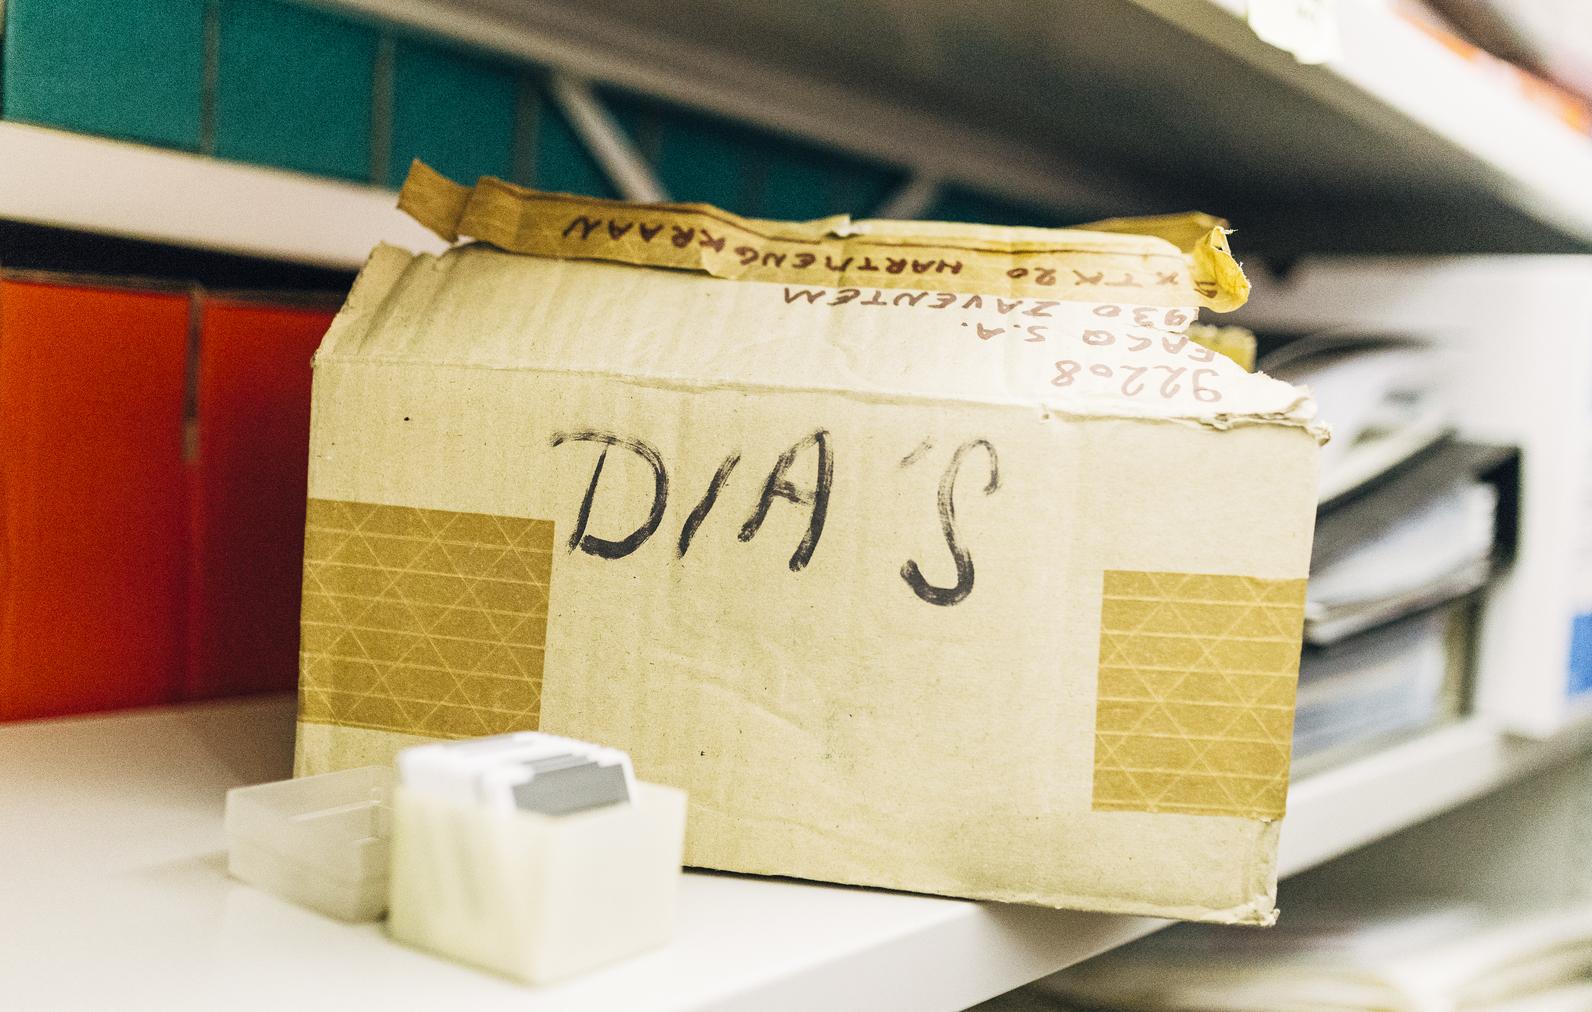 De KVS nam deel aan het archiefdoorlichtingsproject voor podiumkunstenorganisaties van PACKED en Het Firmament. Het hieruit resulterende evaluatierapport bevatte een takenlijst die bij uitvoering op korte termijn het archiefbeheer kon optimaliseren. Om enkele van deze taken uit te voeren stelde de KVS een jobstudent aan. Op een korte tijd werd de archiefruimte onder handen genomen, het aanwezige archief in kaart gebracht, een nieuwe overdracht naar het AMVB voorbereid en wanneer gepast archief vernietigd.